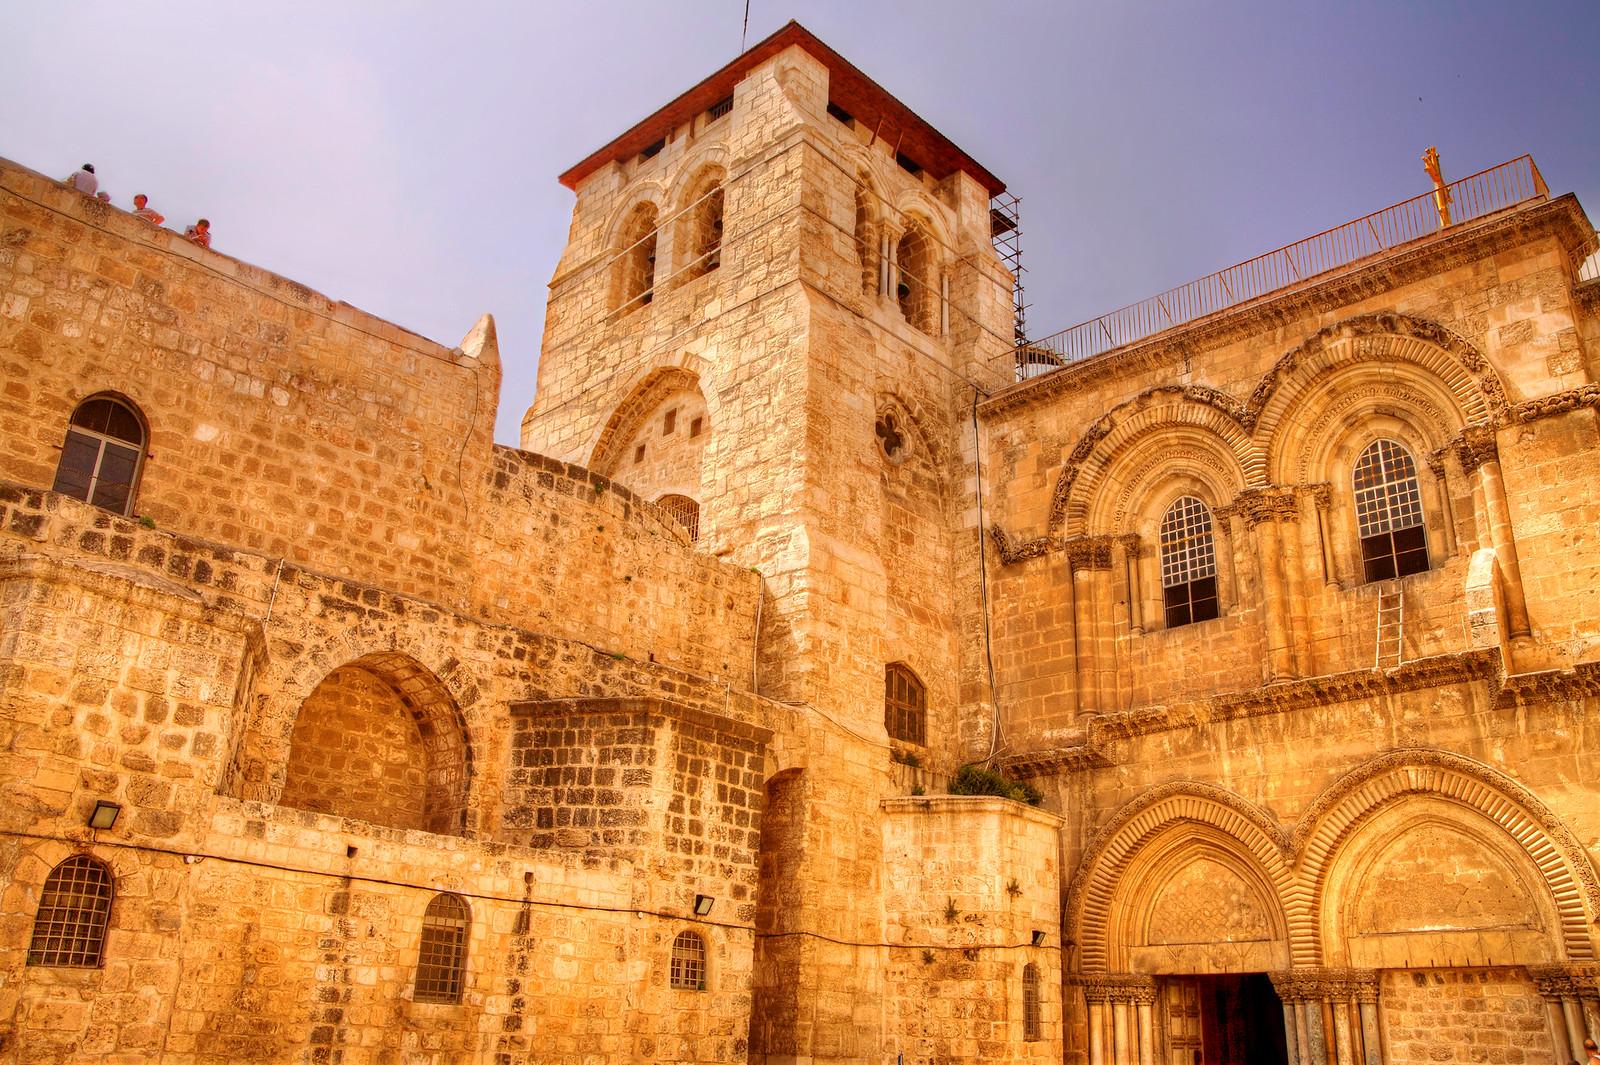 Jerusalem_Holy Sepulcher_1_Noam Chen_IMOT